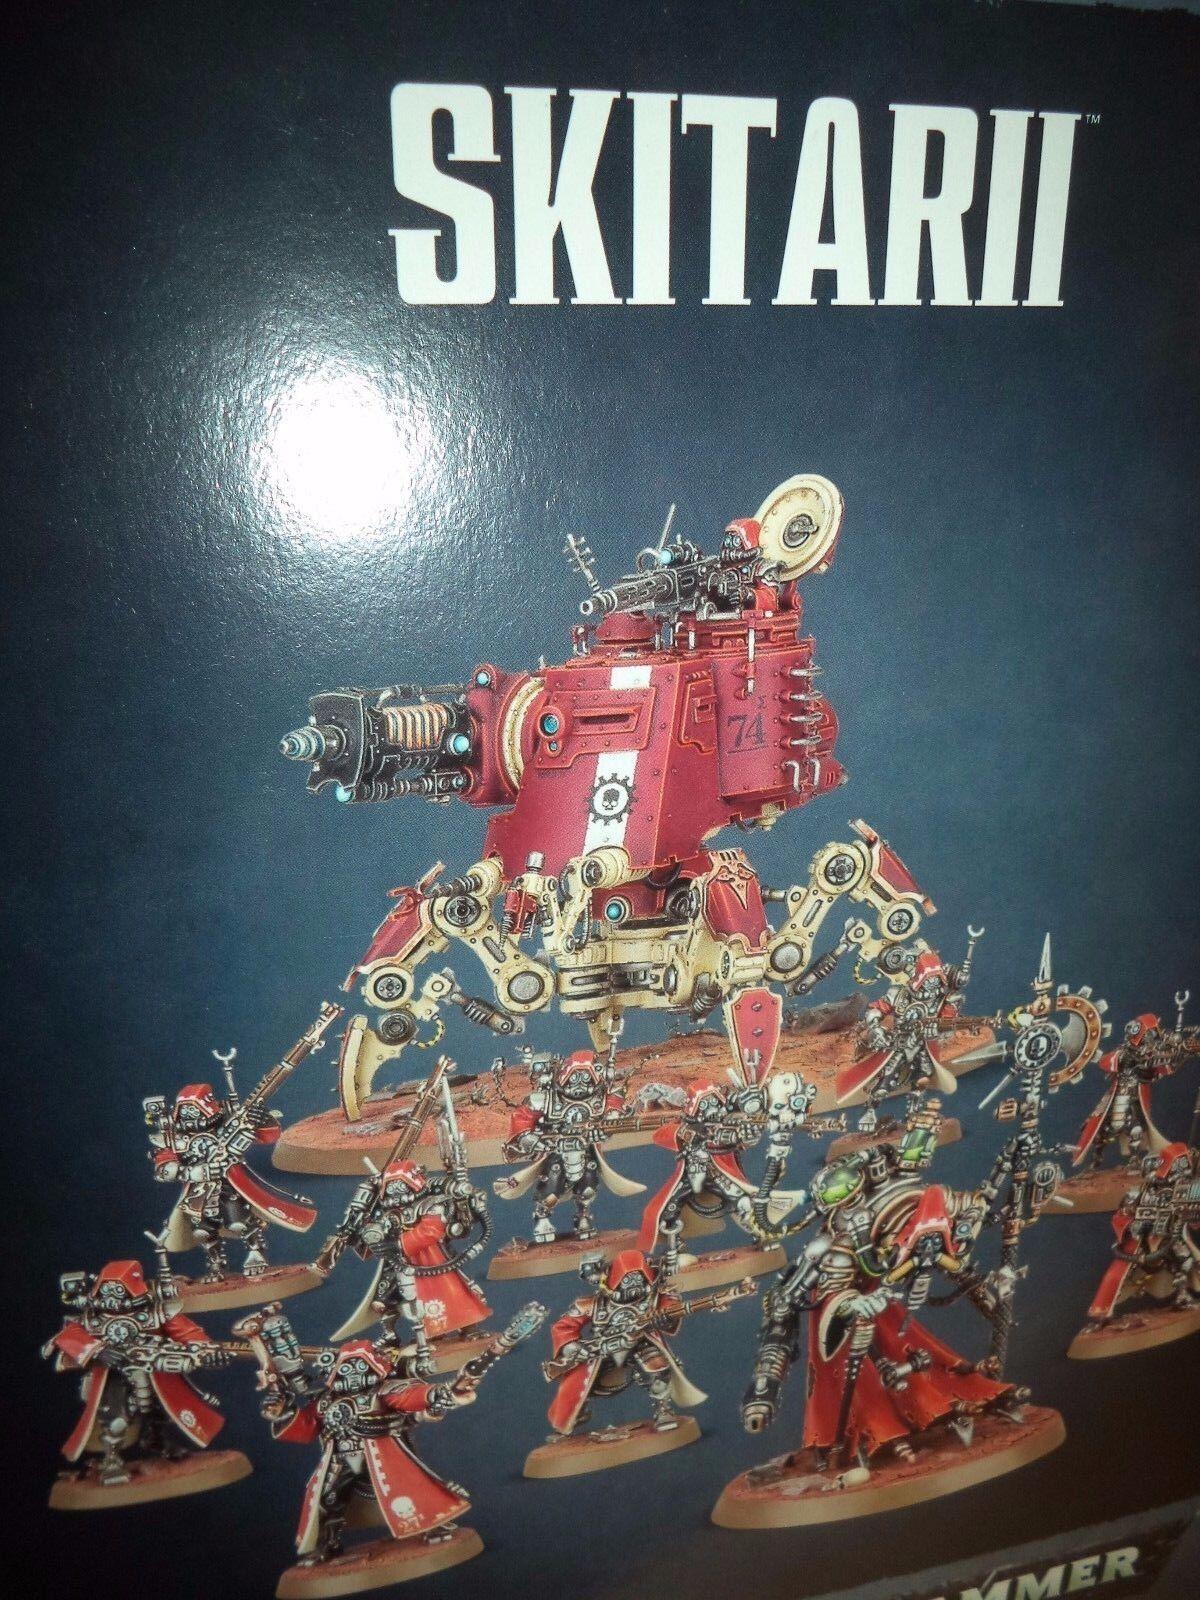 Empezar a recolectar Skitarii-Warhammer 40k 40,000 40,000 40,000 Juegos taller Modelo Nuevo   barato